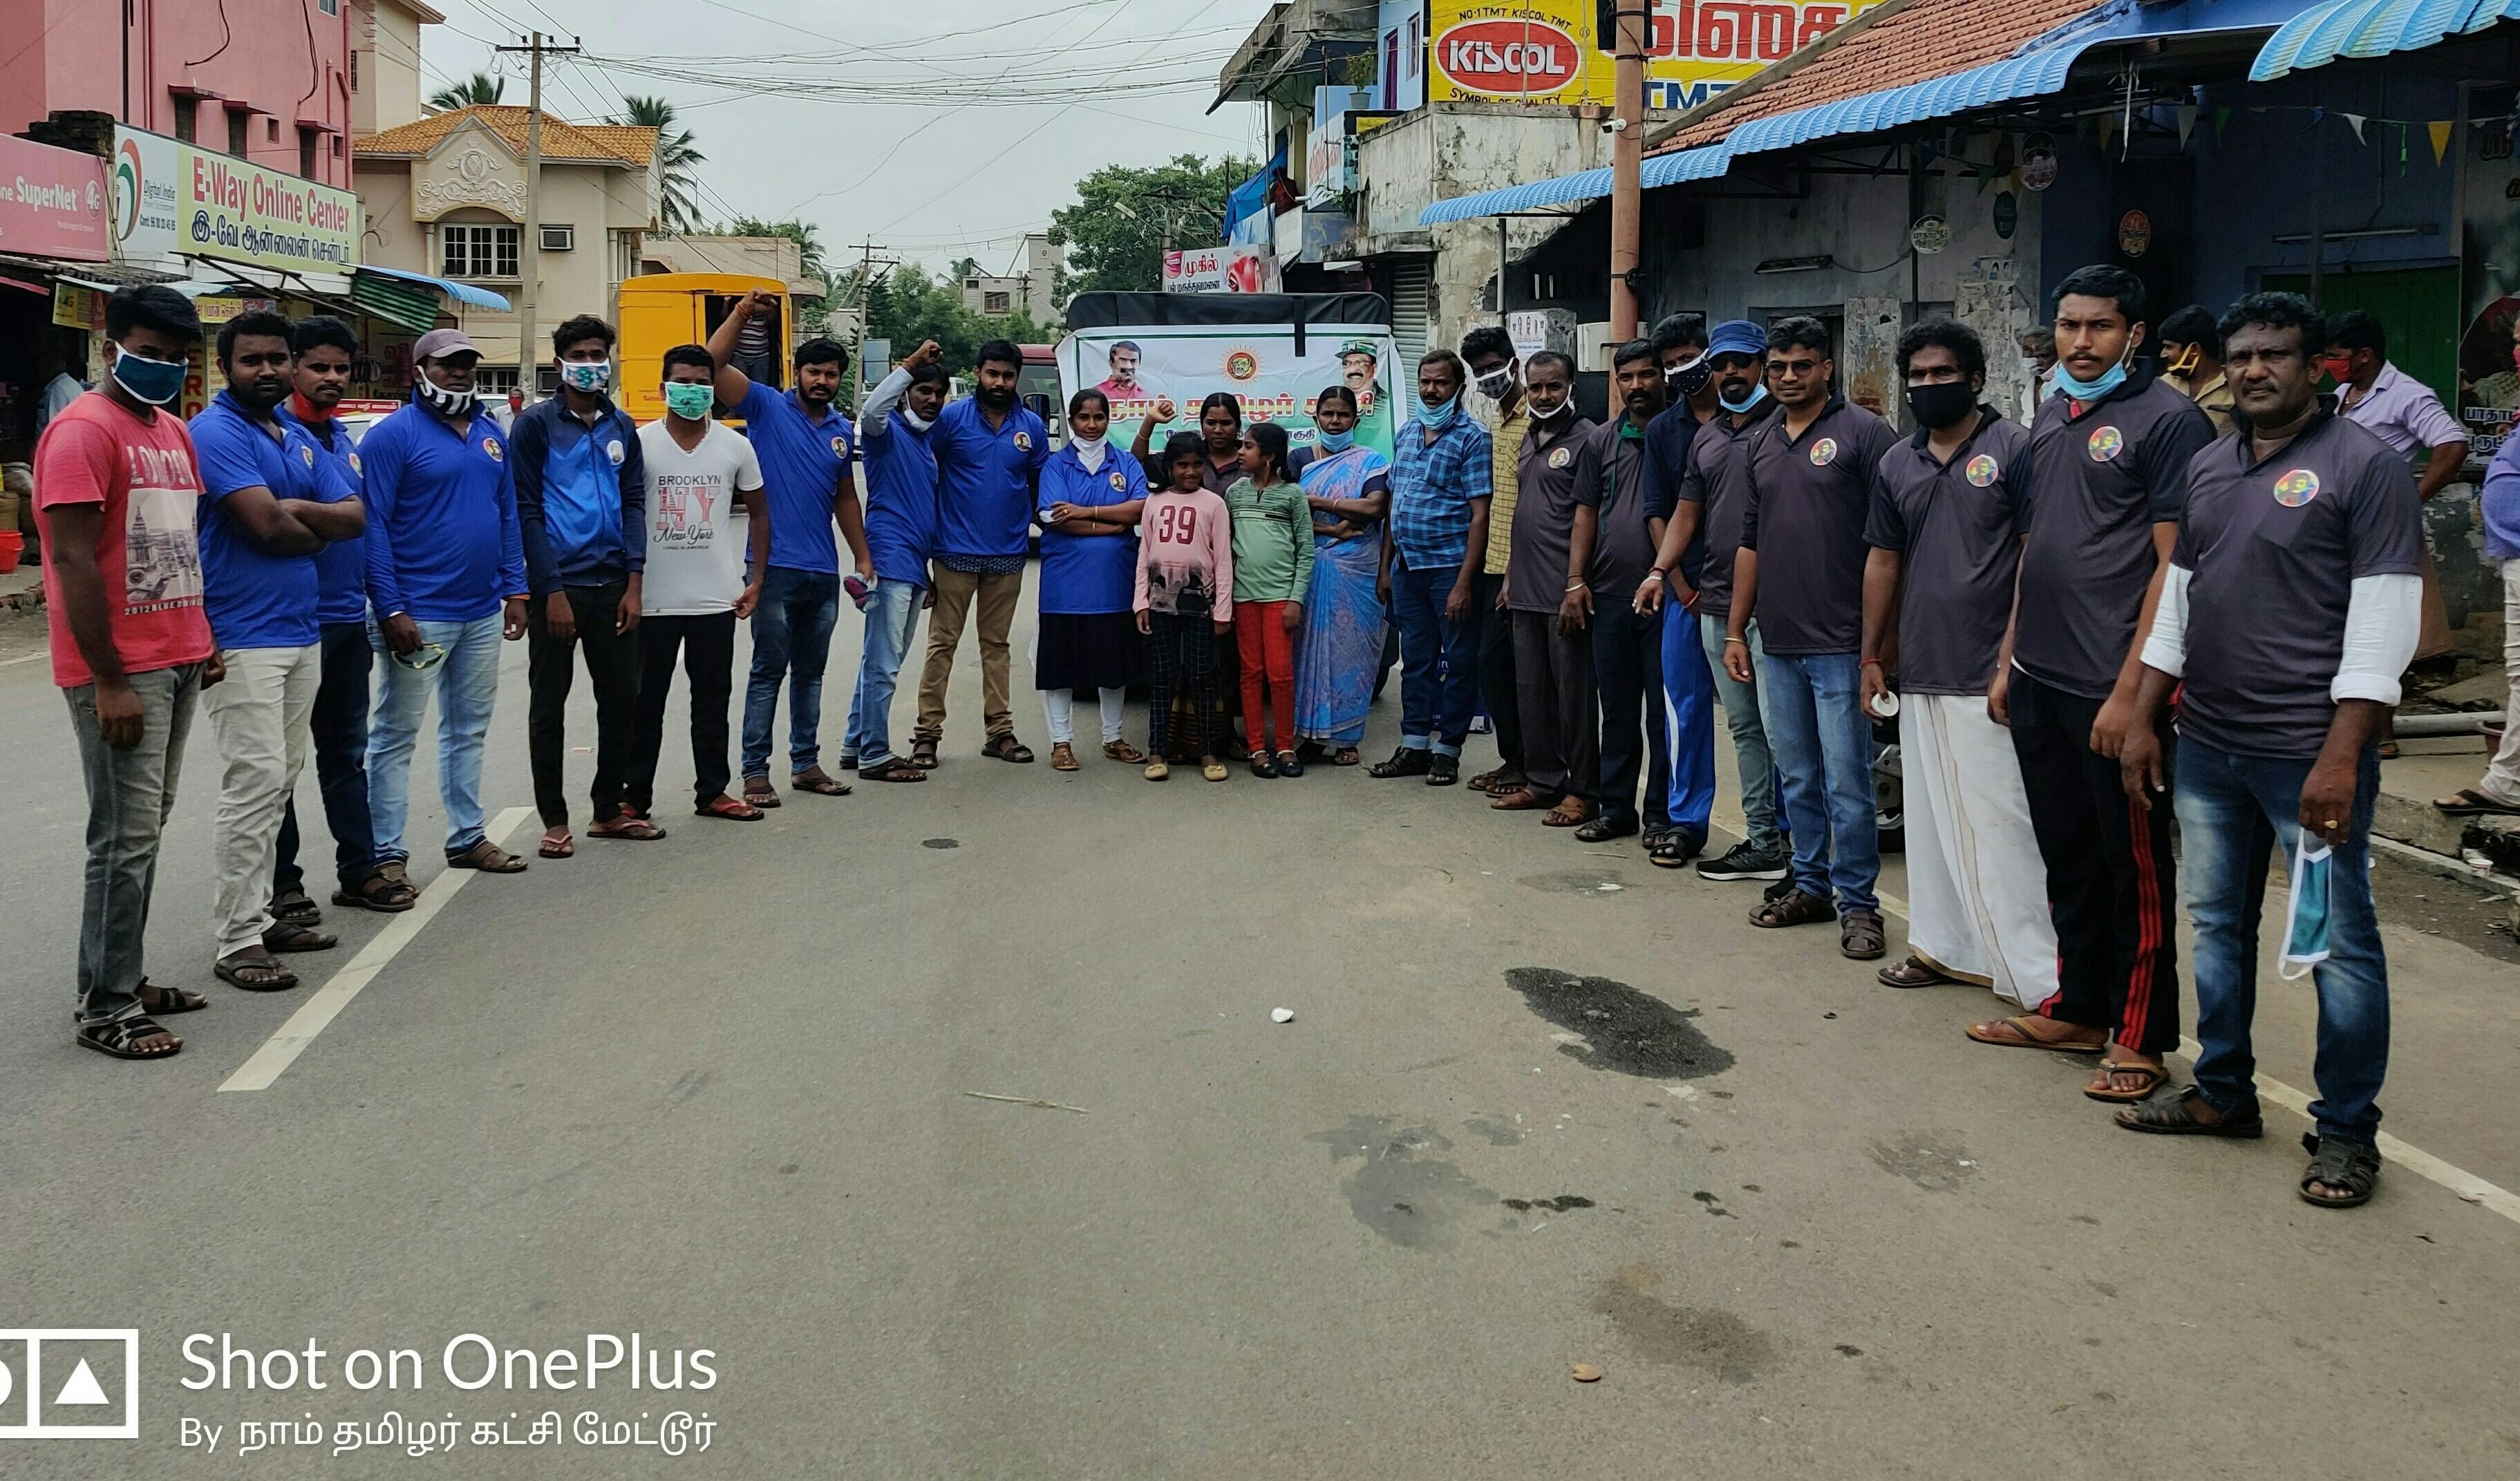 கபசுர குடிநீர் வழங்குதல் - மேட்டூர்